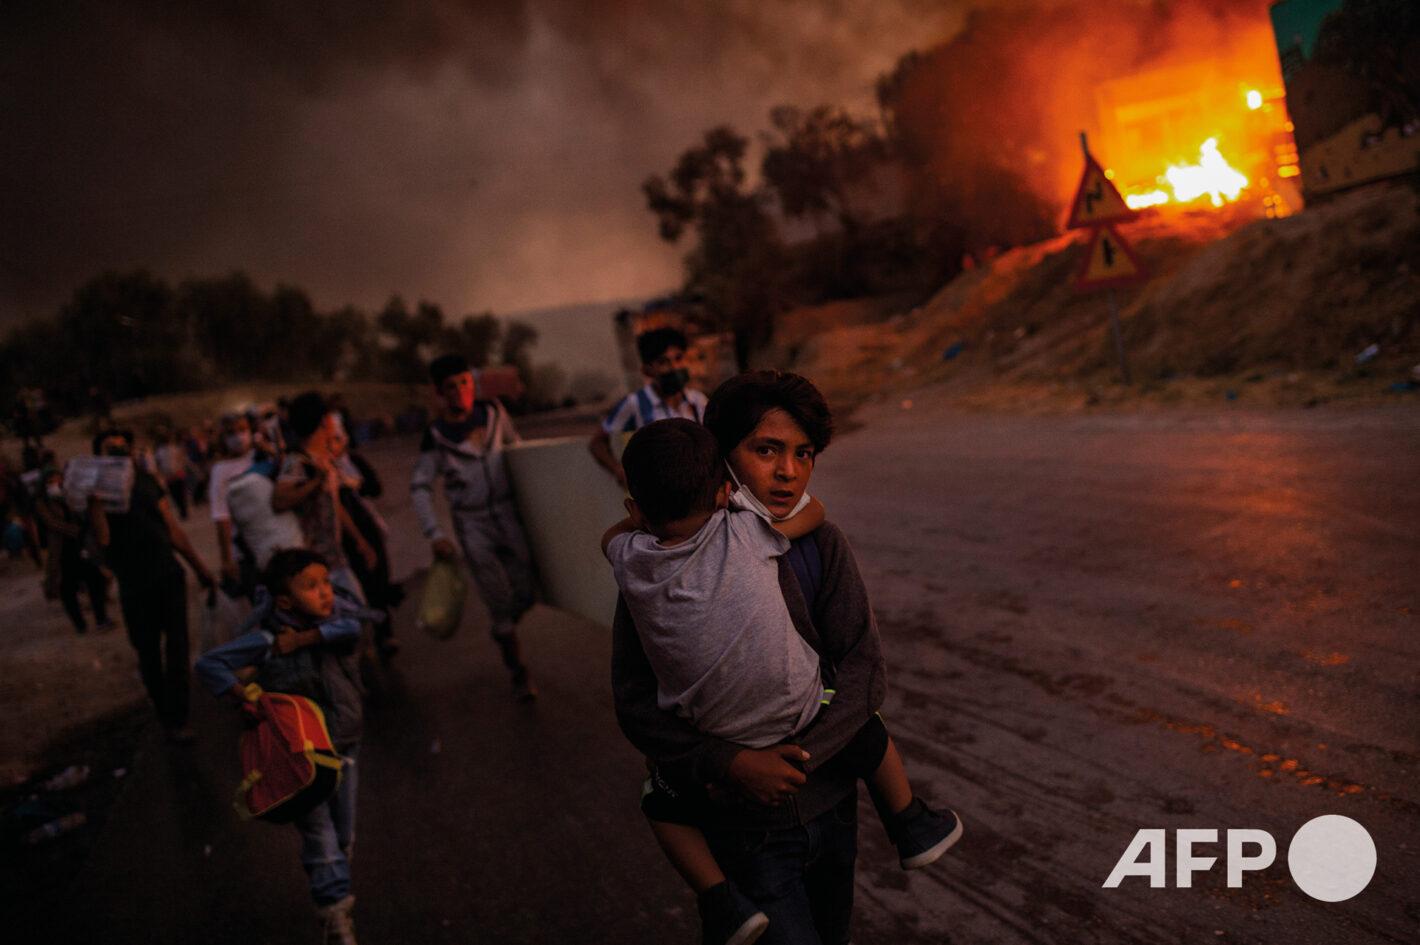 AFP 10 | Angelos TZORTZINIS 9 septembre 2020 – Lesbos (Grèce)